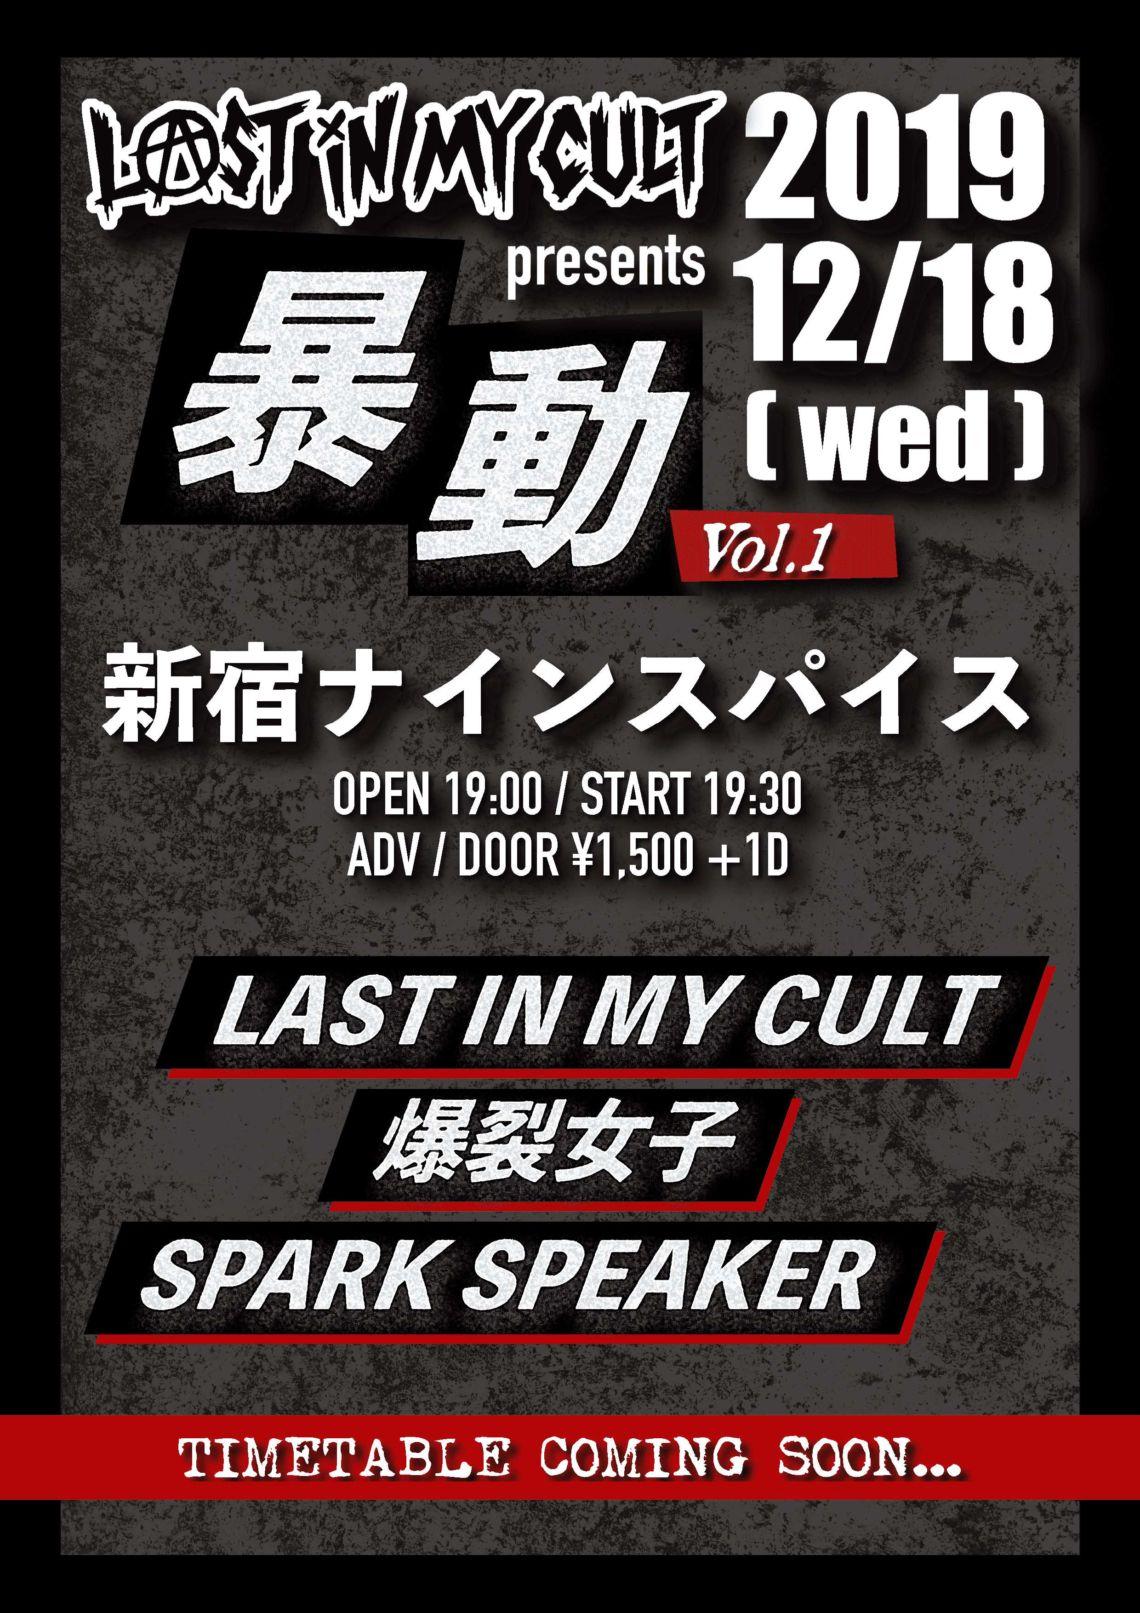 LAST IN MY CULT主催「暴動 vol.1」